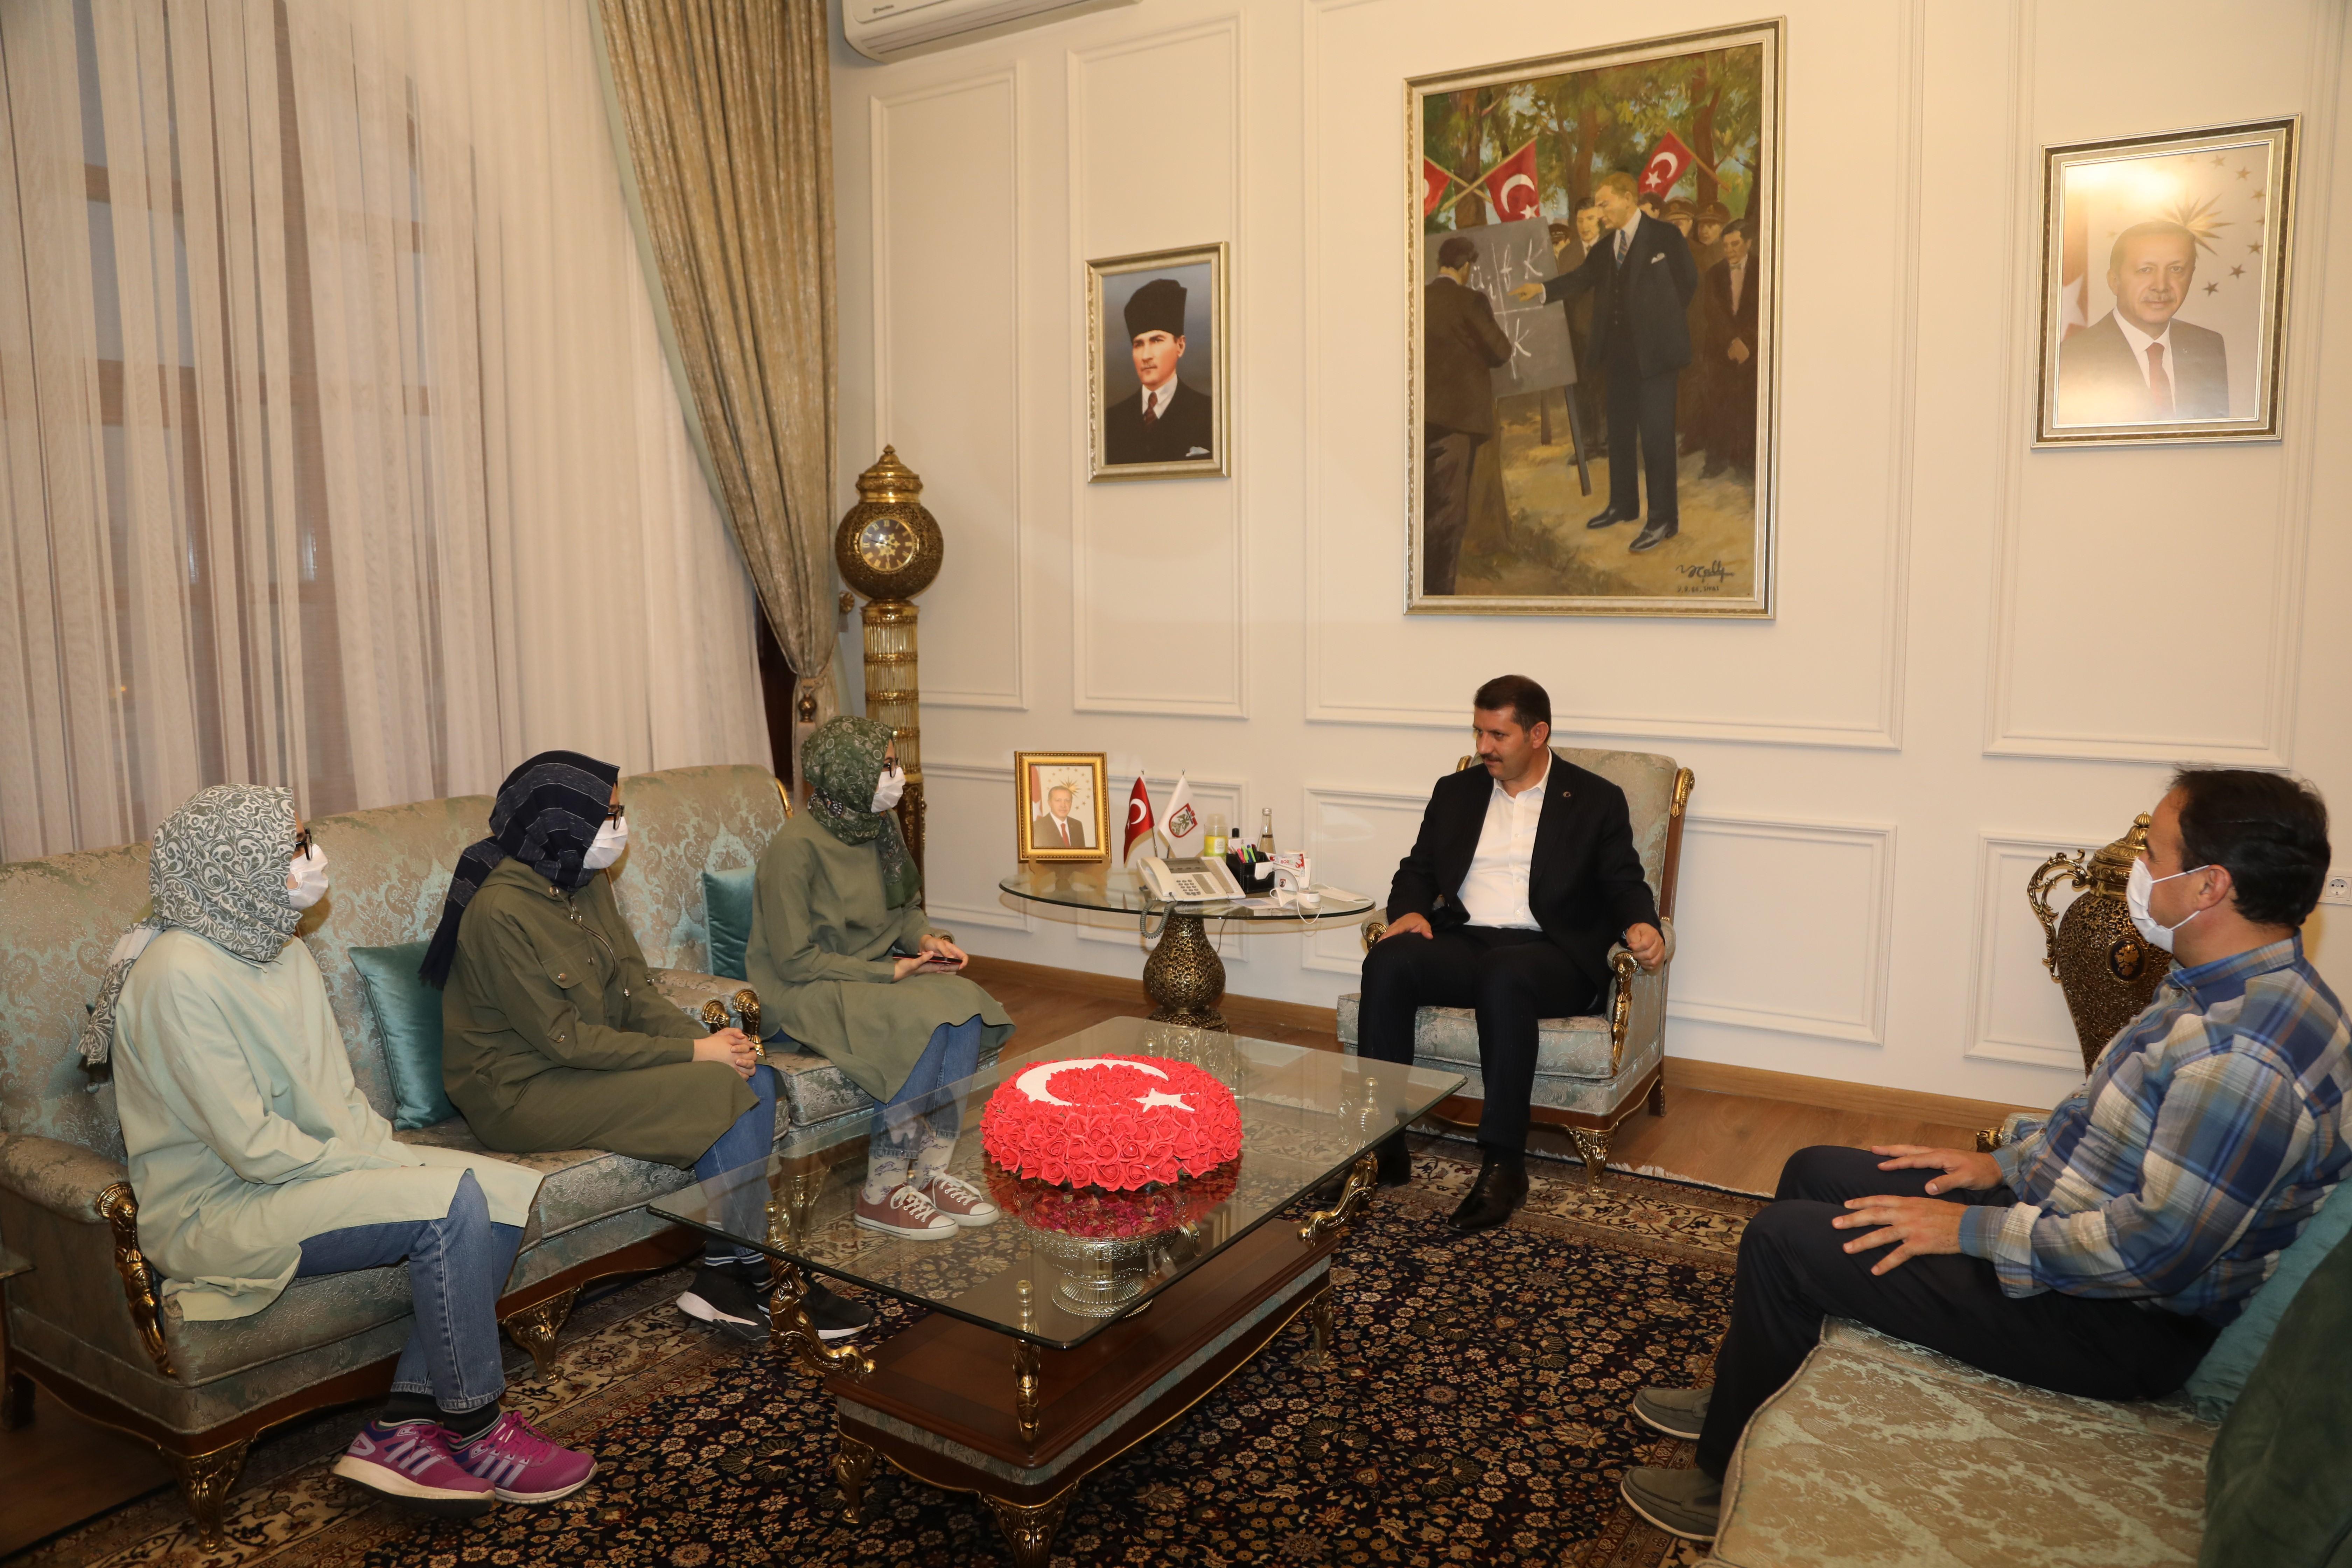 Sivas ta üçüz kardeşler tıp fakültesini kazandı #1